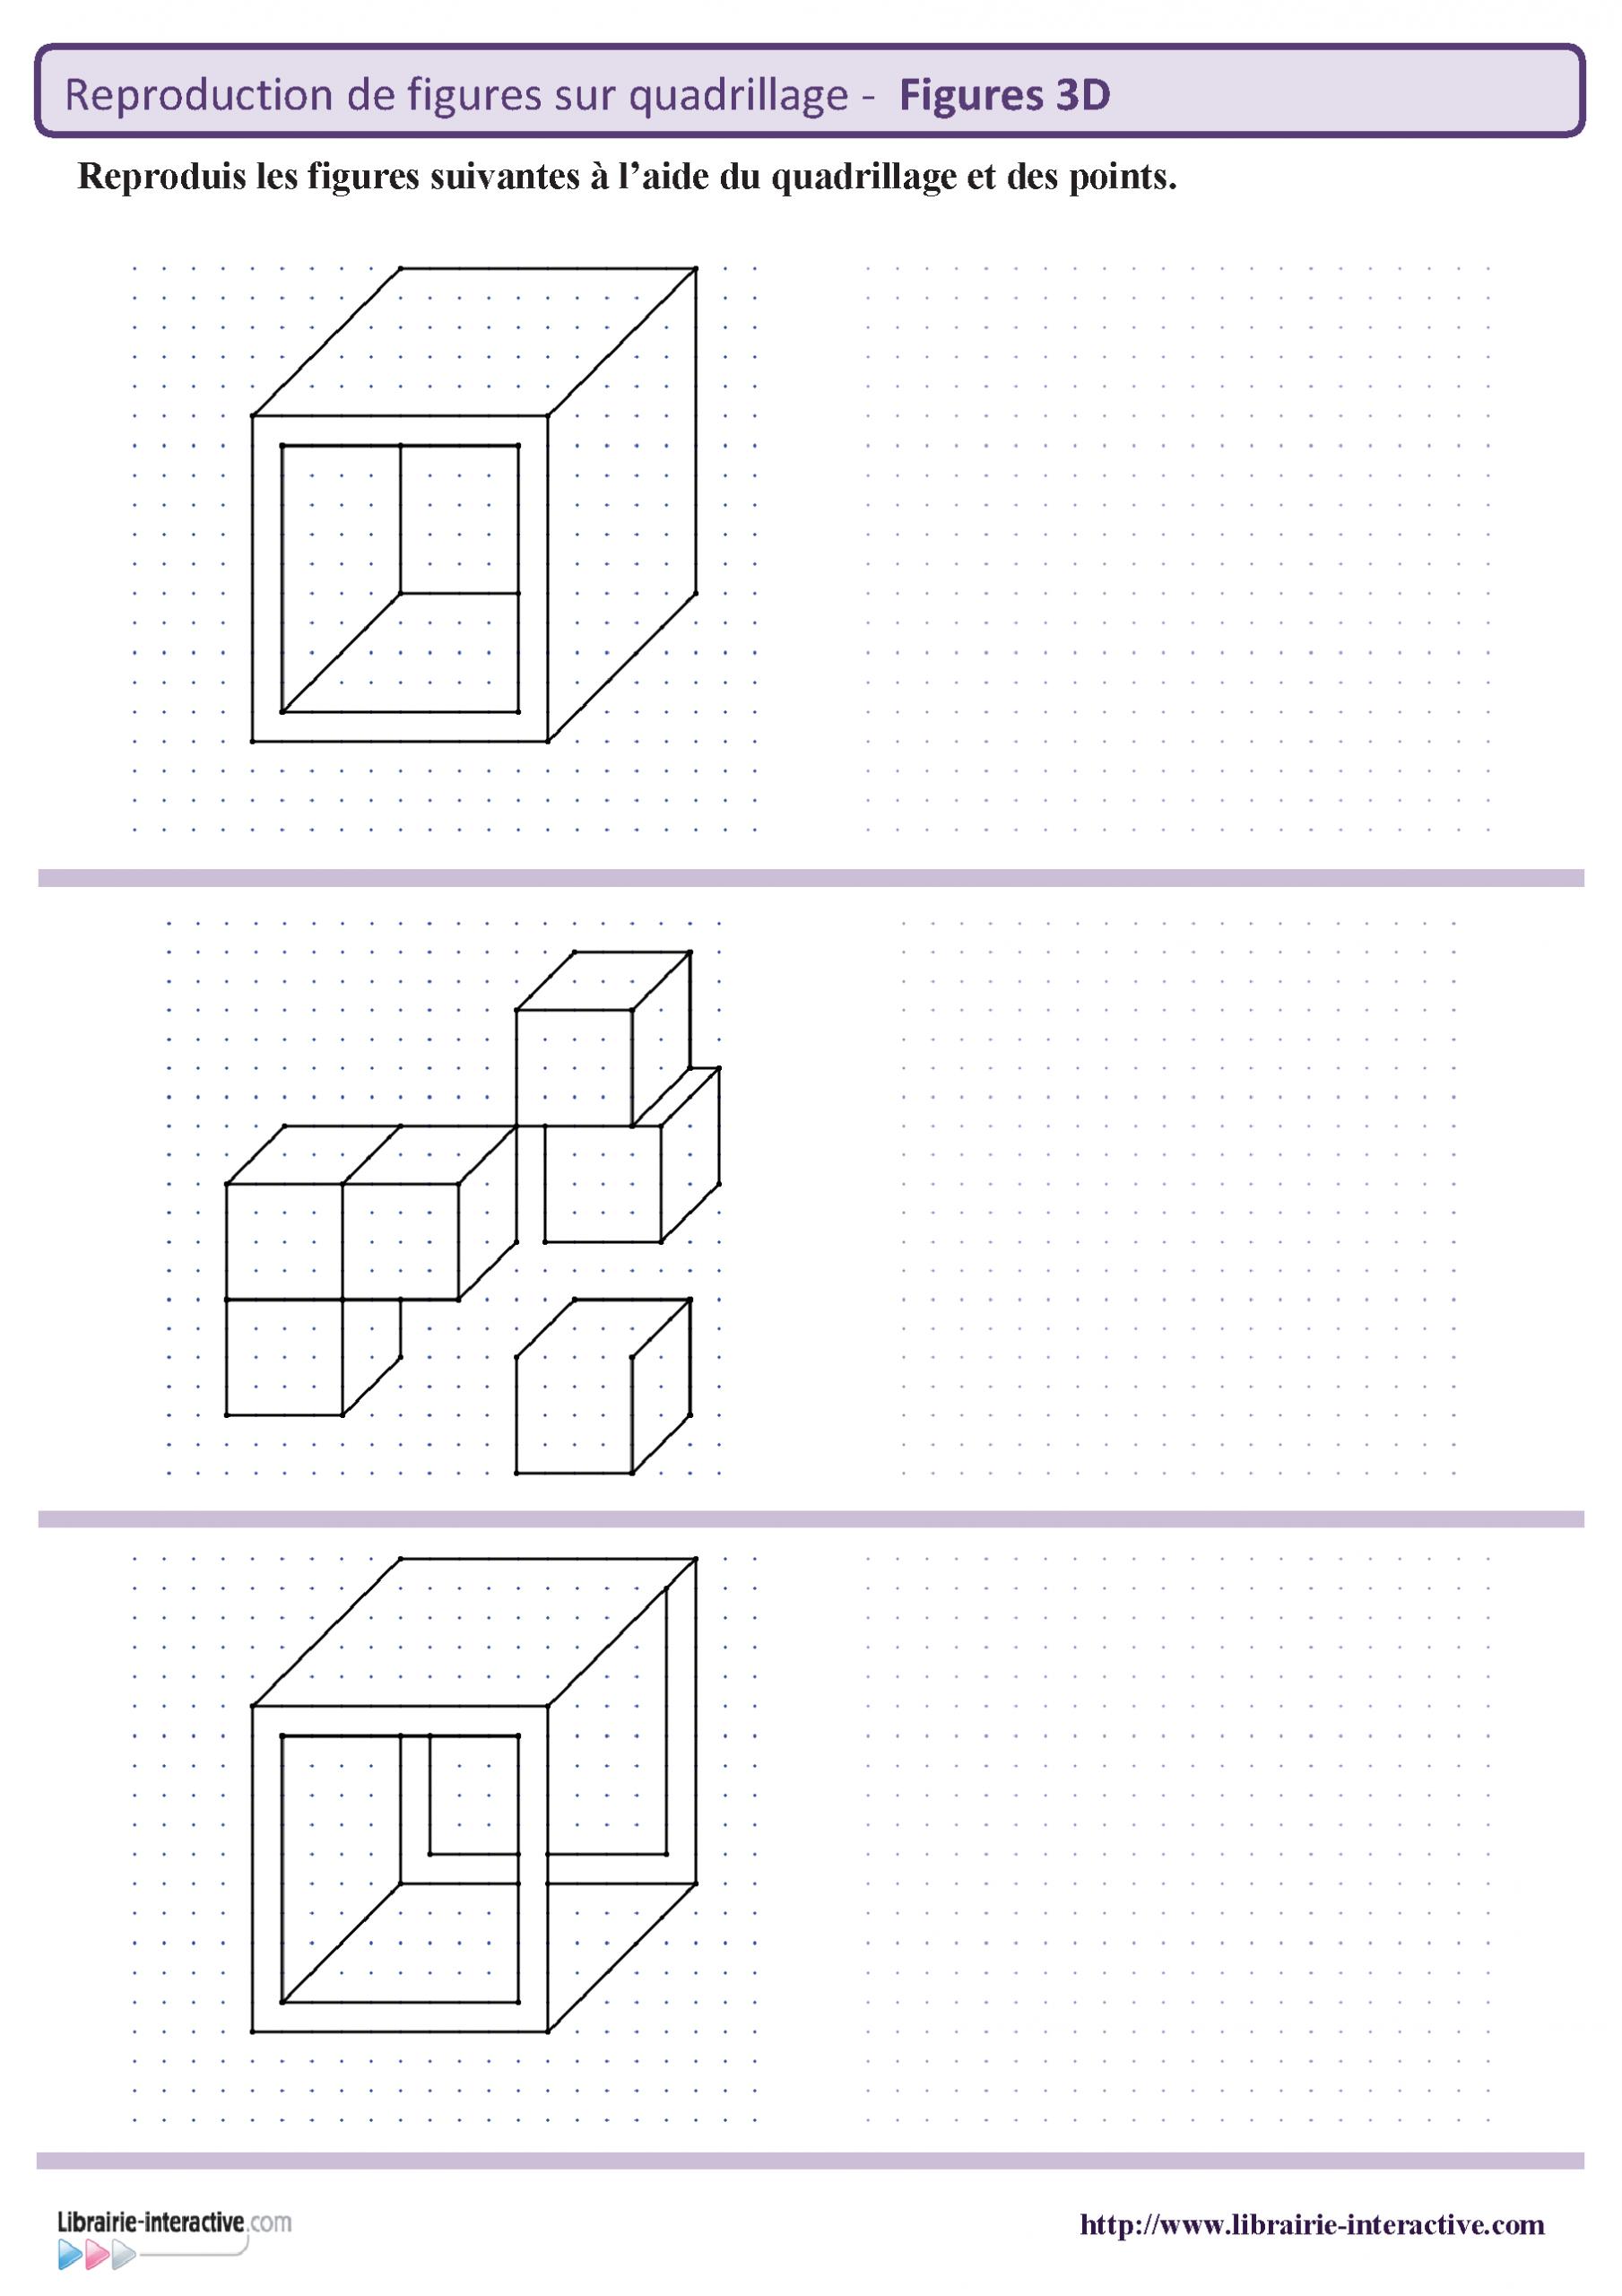 8 Fiches Avec Chacune 3 Figures En 3 Dimensions À Reproduire destiné Reproduction De Figures Sur Quadrillage